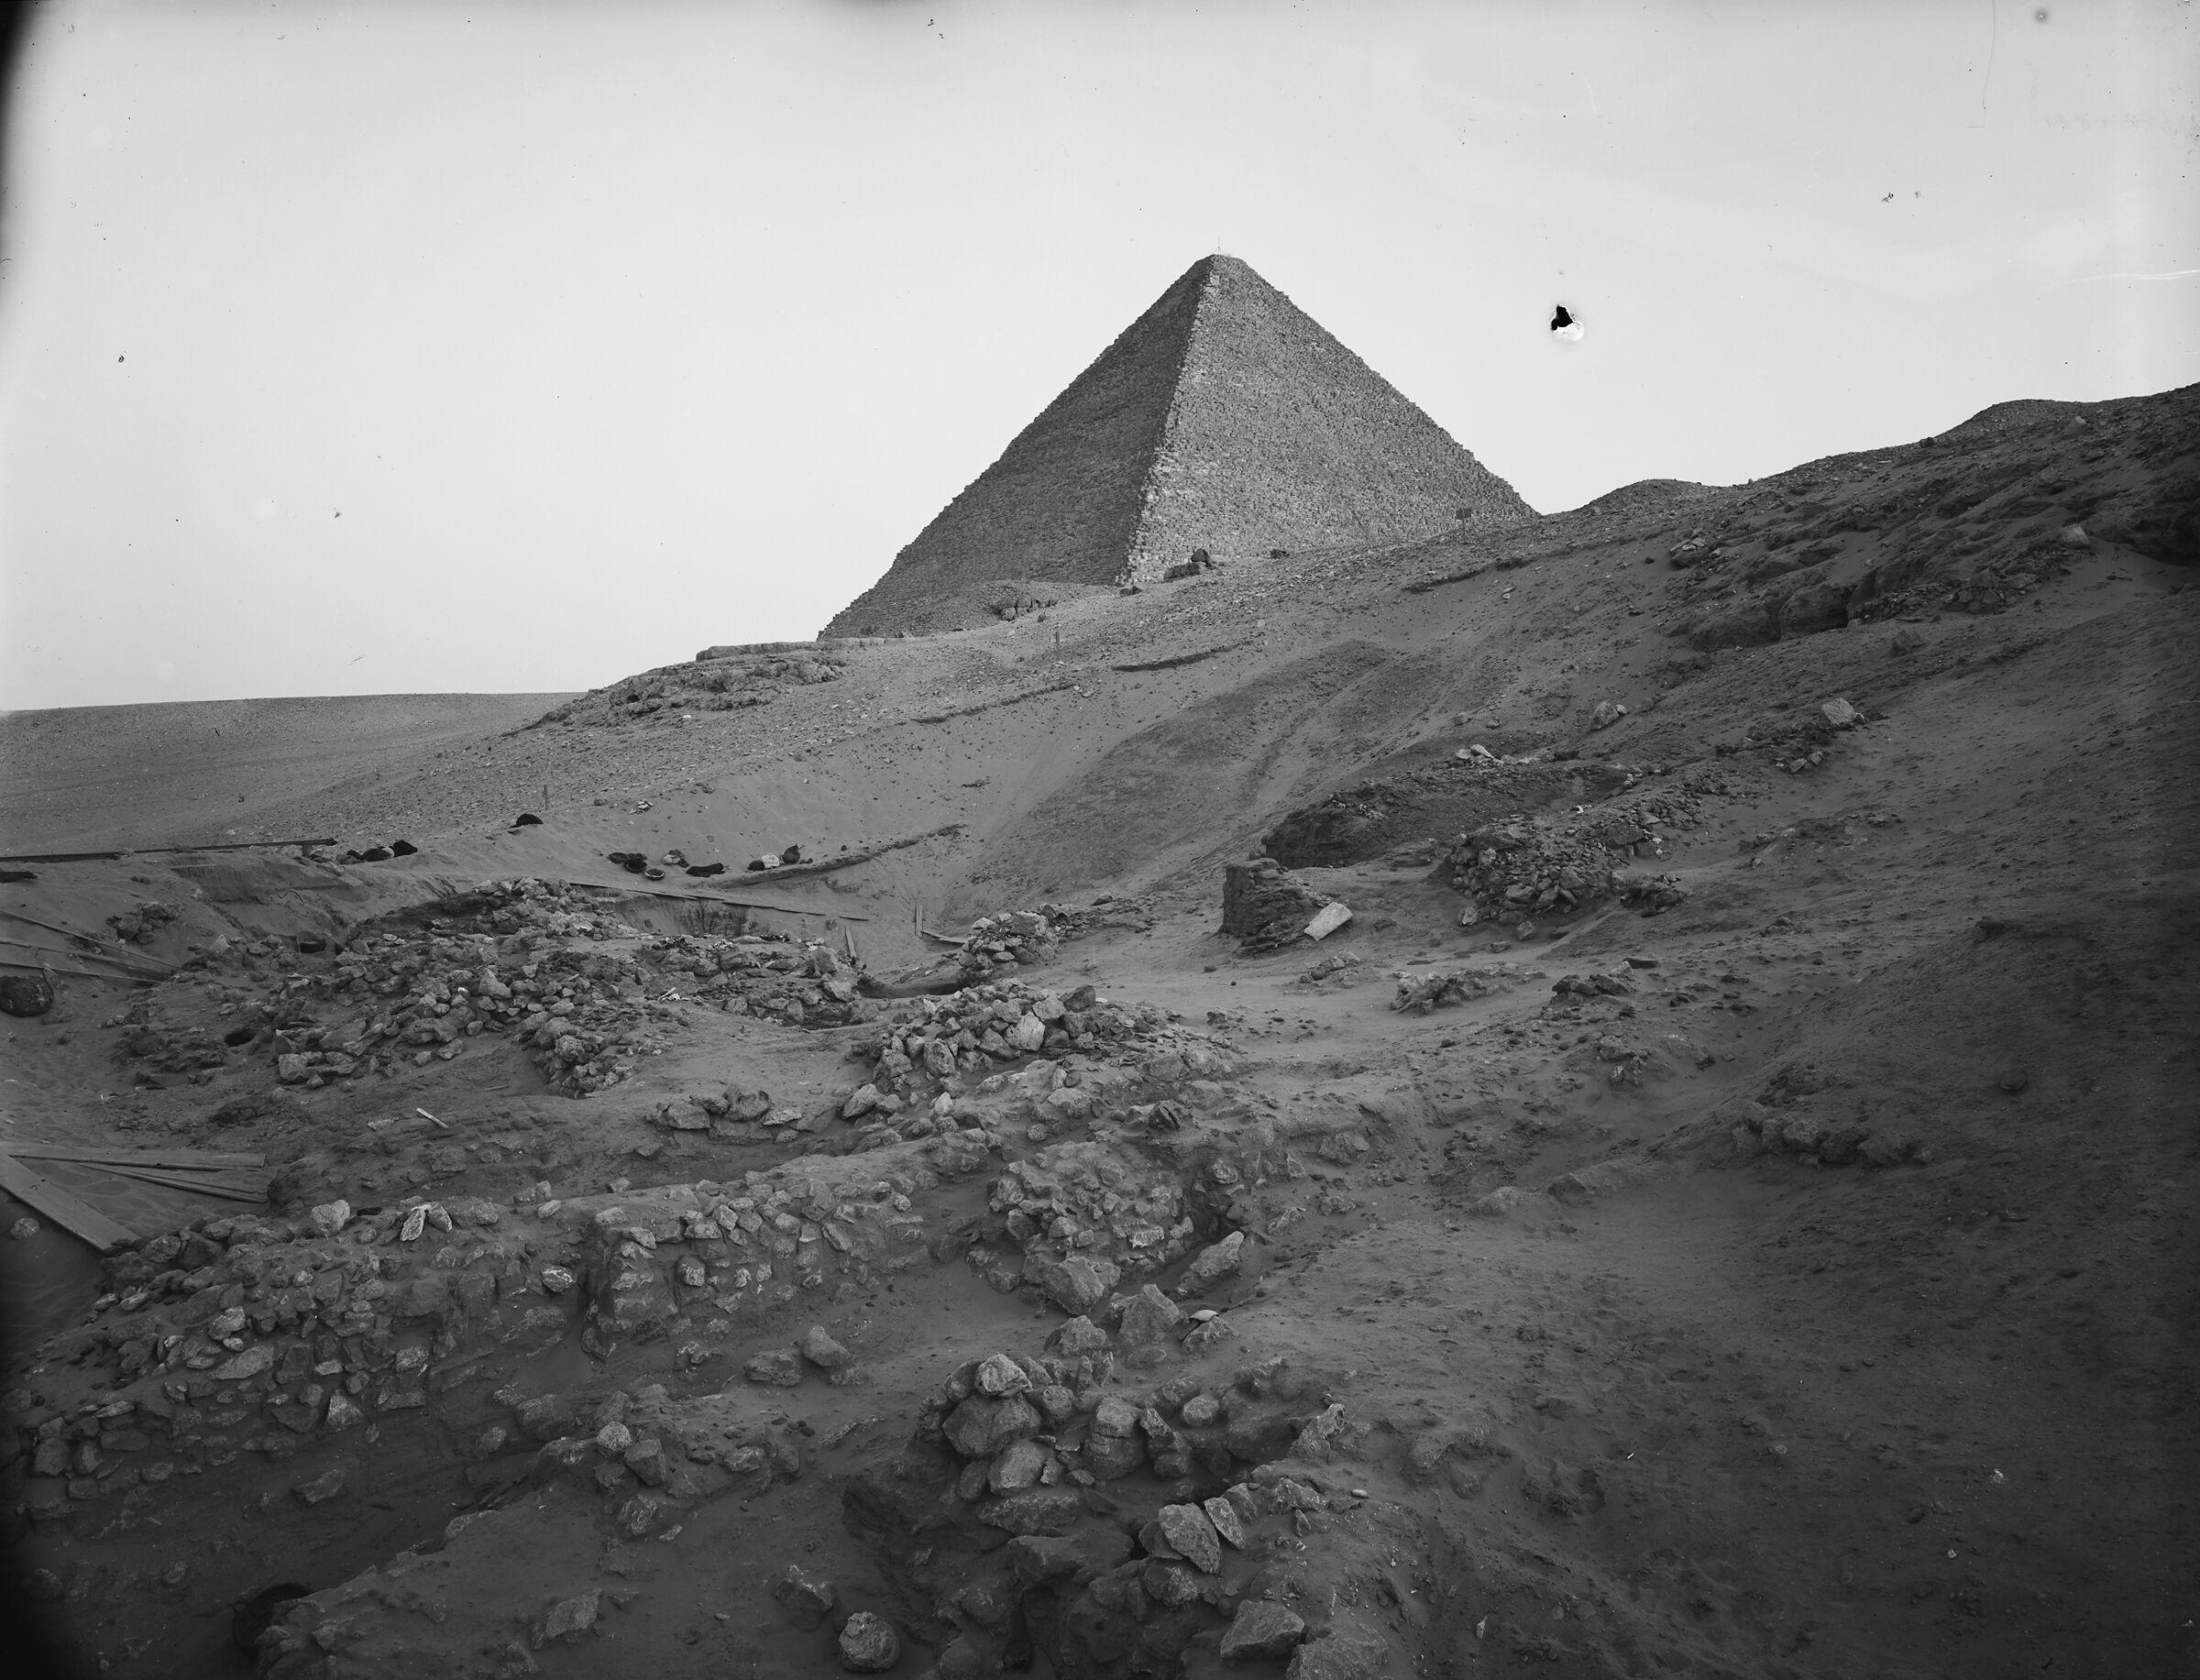 Wadi Cemetery (Reisner; north of W. Cem): Site: Giza; View: GW 16, GW 31, GW 34, GW 35